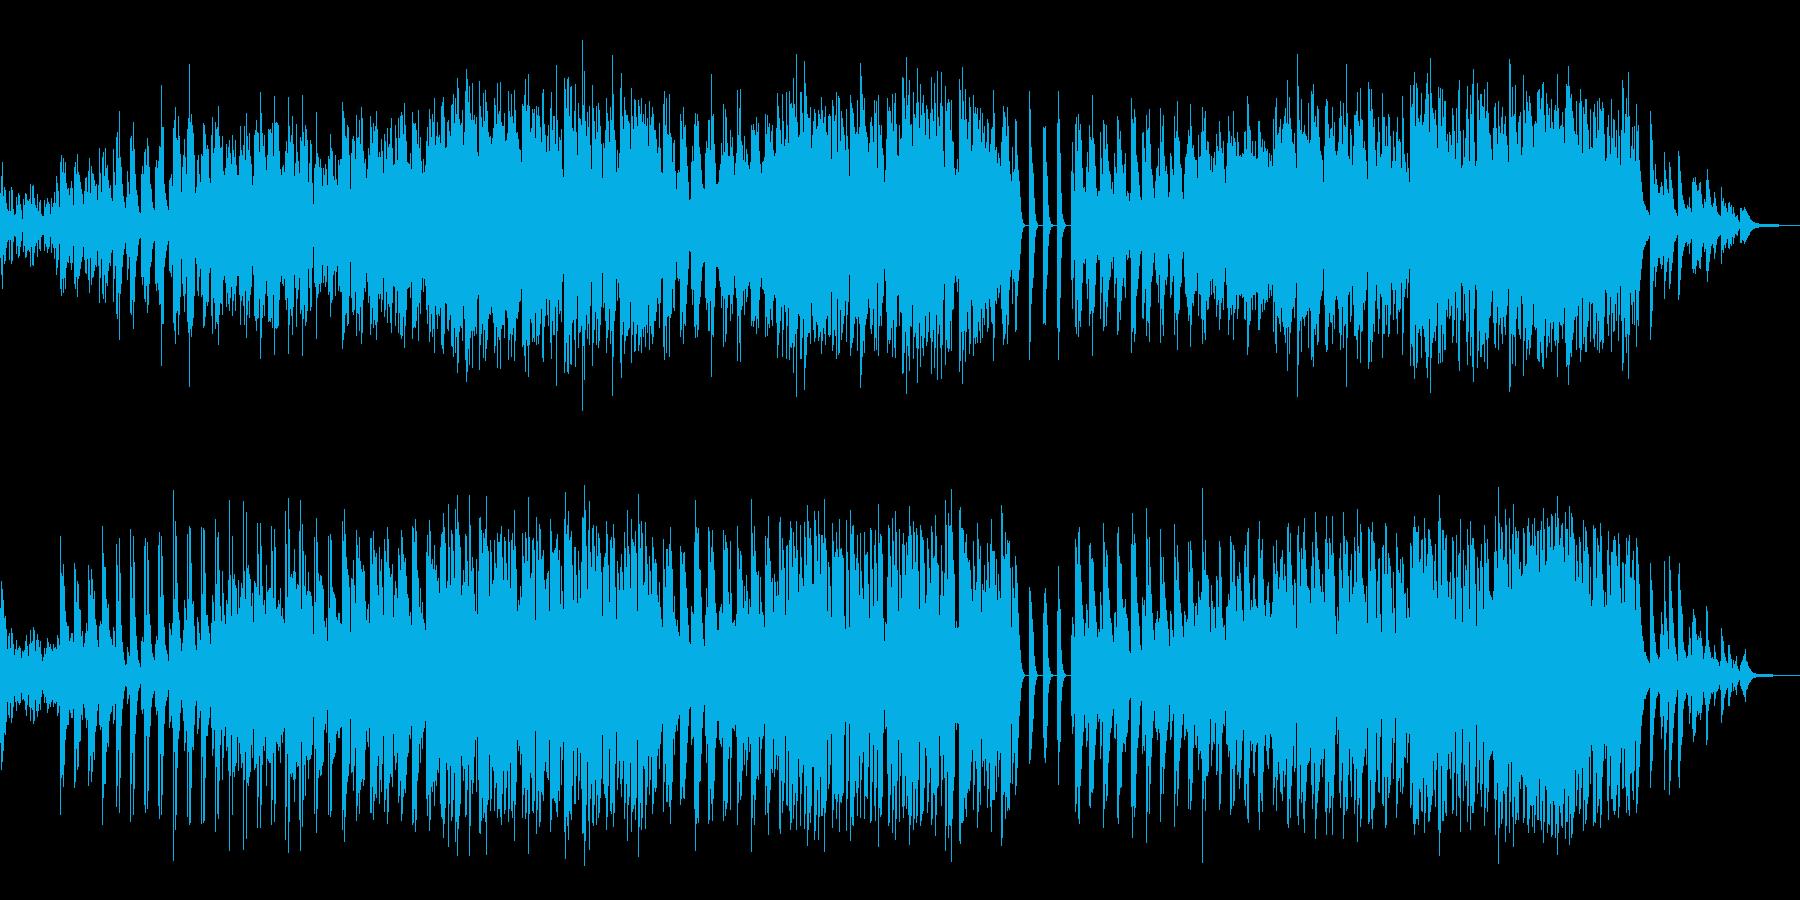 ピアノ 歌ものピアノ伴奏の再生済みの波形